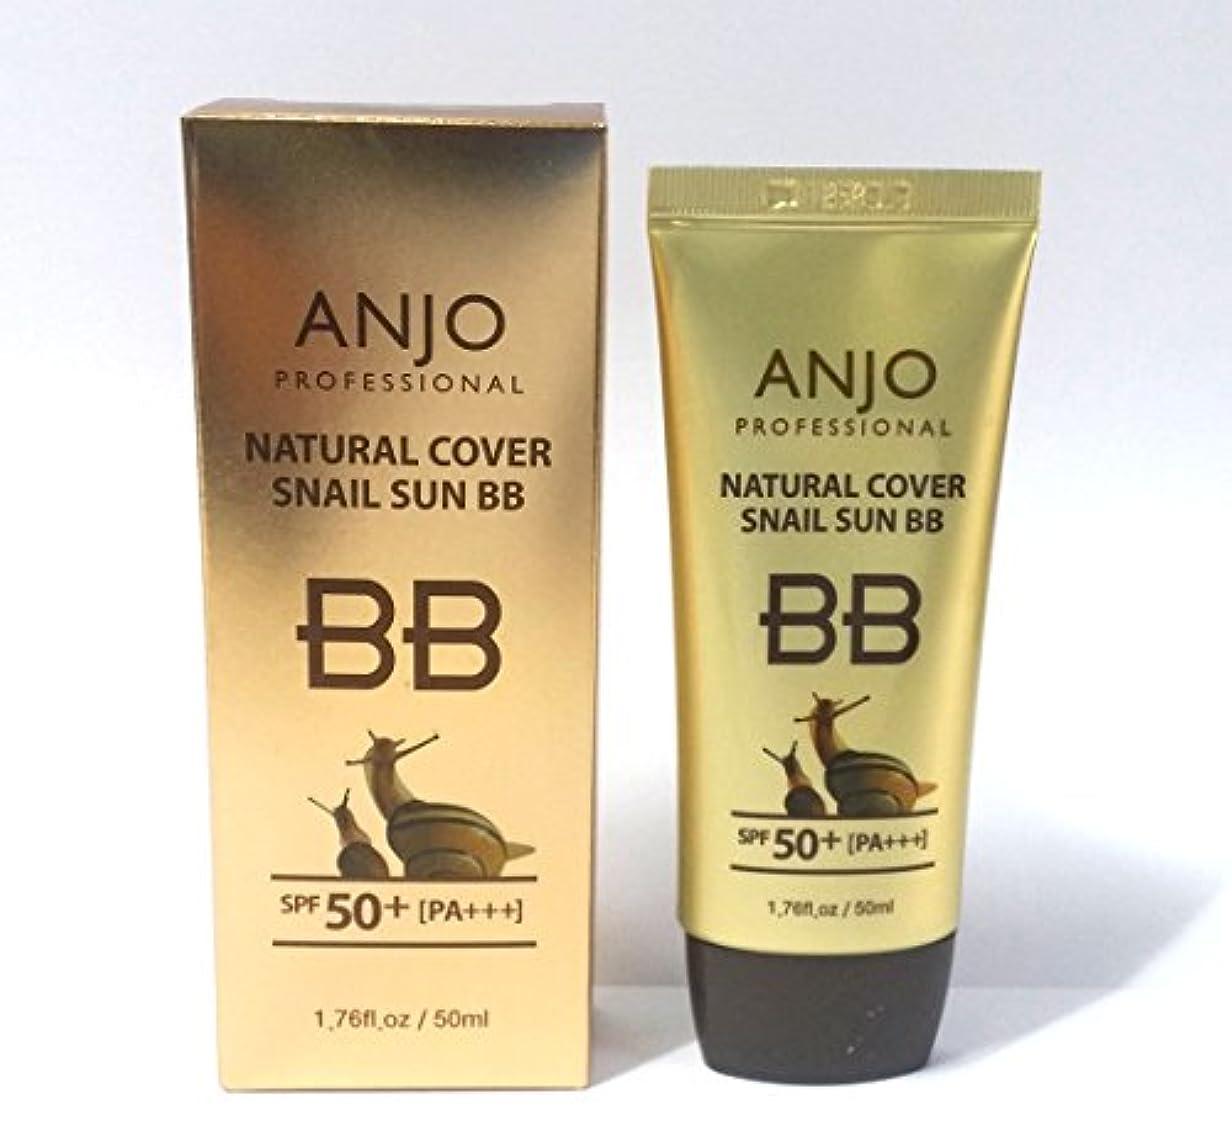 出撃者真珠のようなアジャ[ANJO] ナチュラルカバーカタツムリサンBBクリームSPF 50 + PA +++ 50ml X 3EA /メイクアップベース/カタツムリ粘液 / Natural Cover Snail Sun BB Cream SPF...